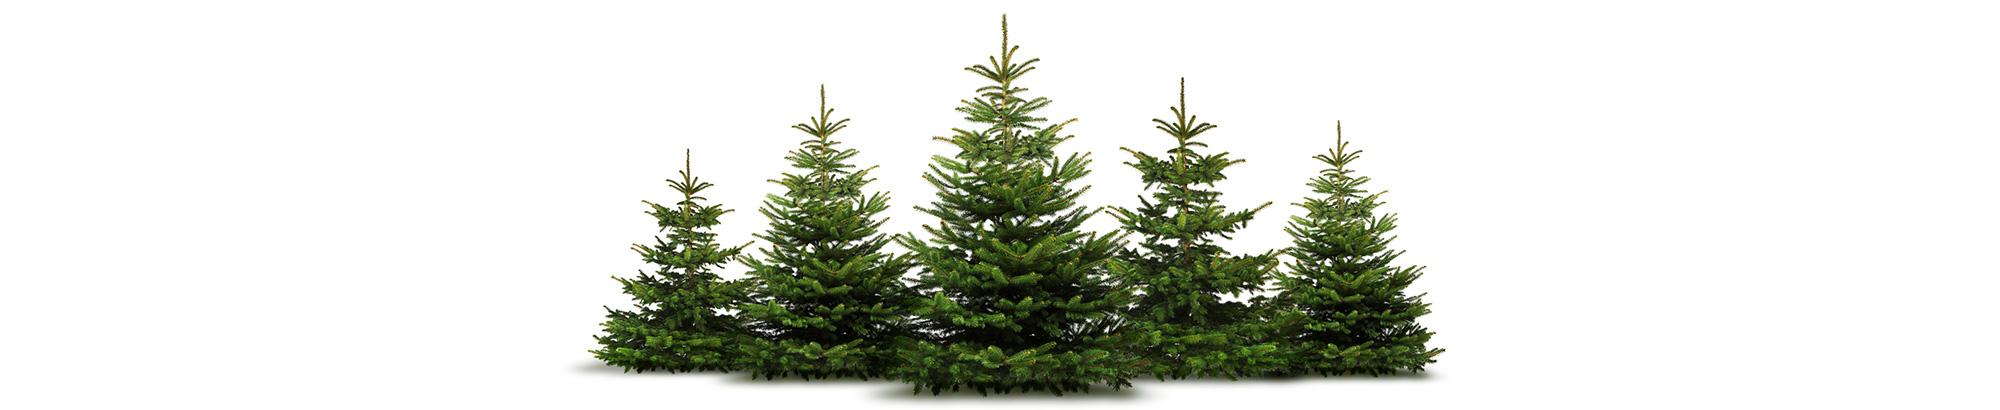 Home page - Obi weihnachtsbaumverkauf ...